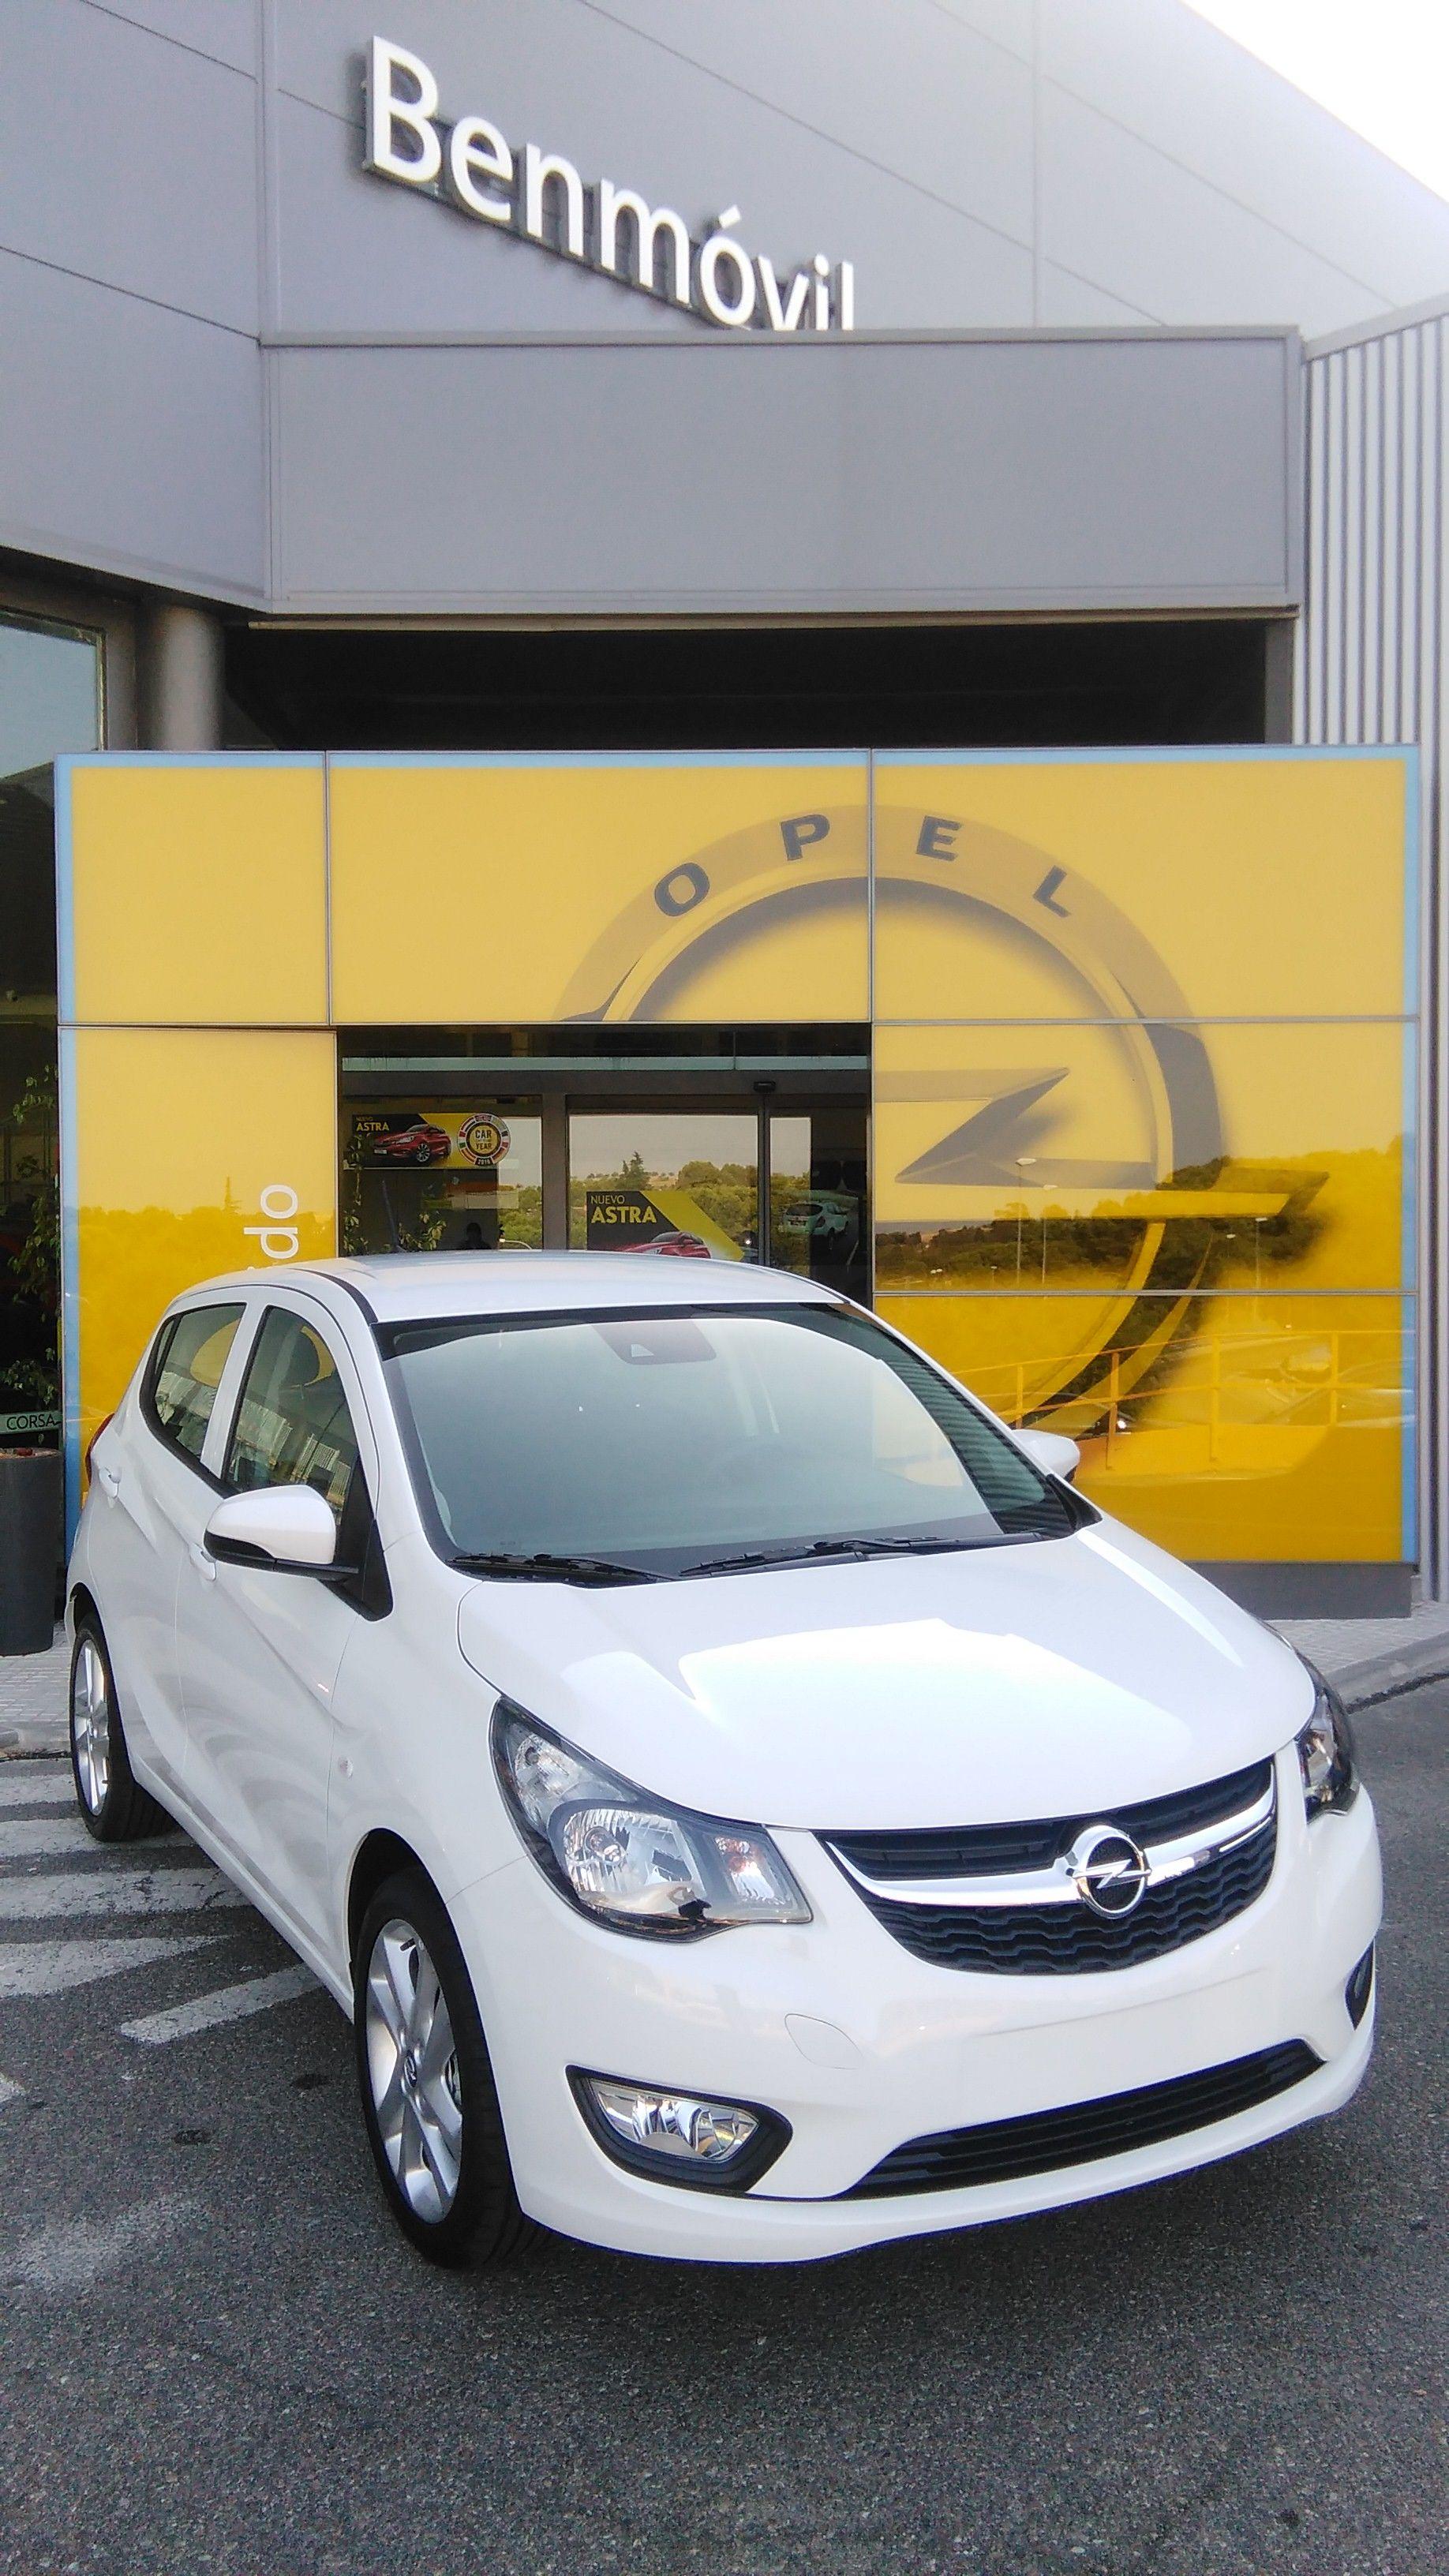 Encuentra las 2.375 diferencias*. Opel Karl con asistente personal OnStar 24 horas por 117€ al mes. ANTES 11.275€ -- AHORA -- 8.900€